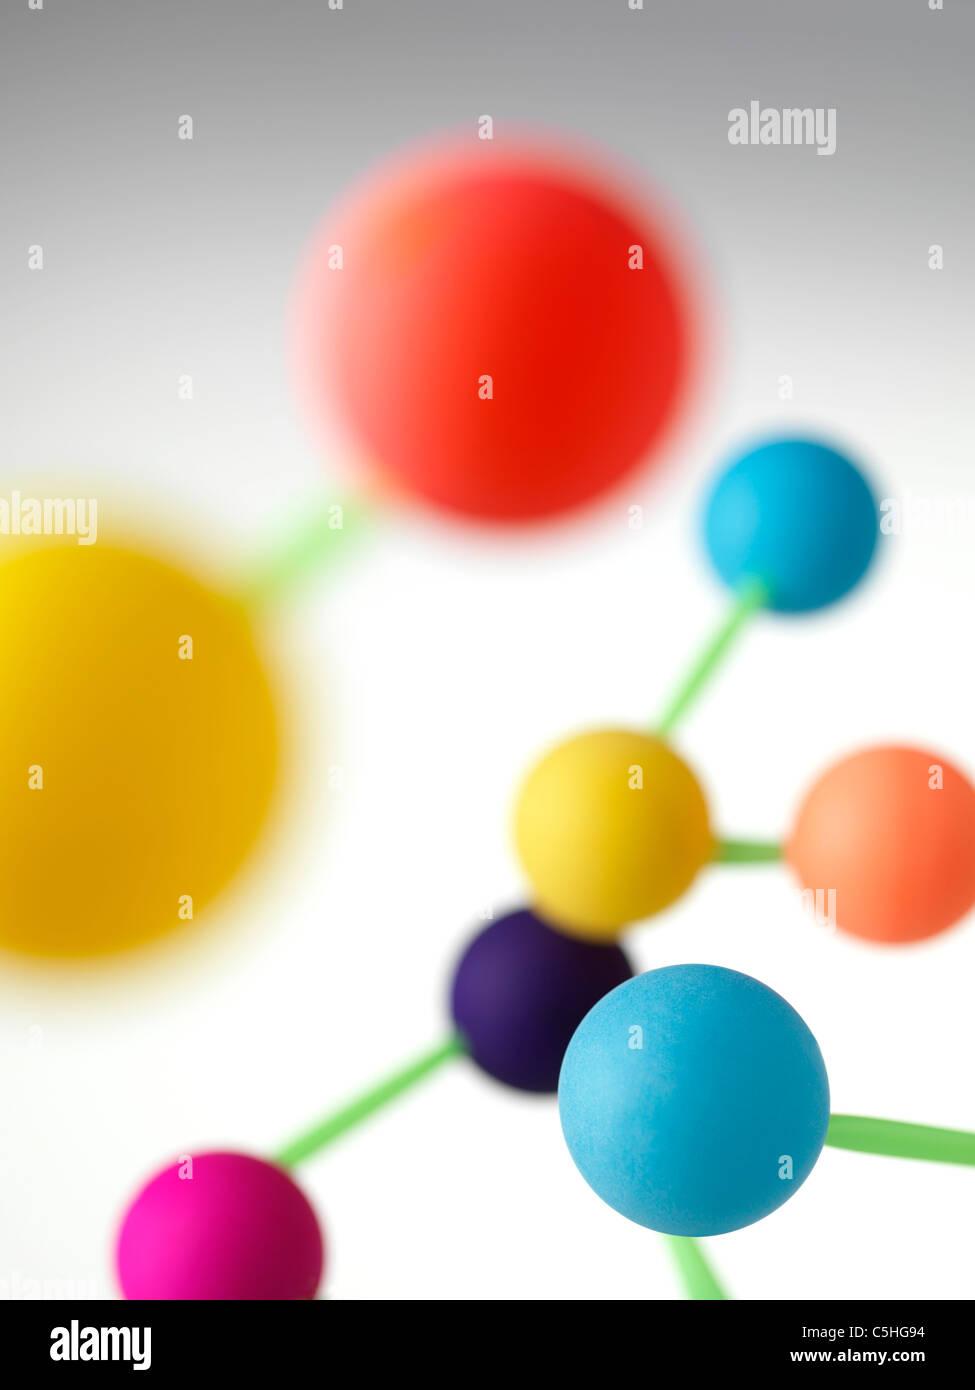 Molekulare Struktur Stockbild